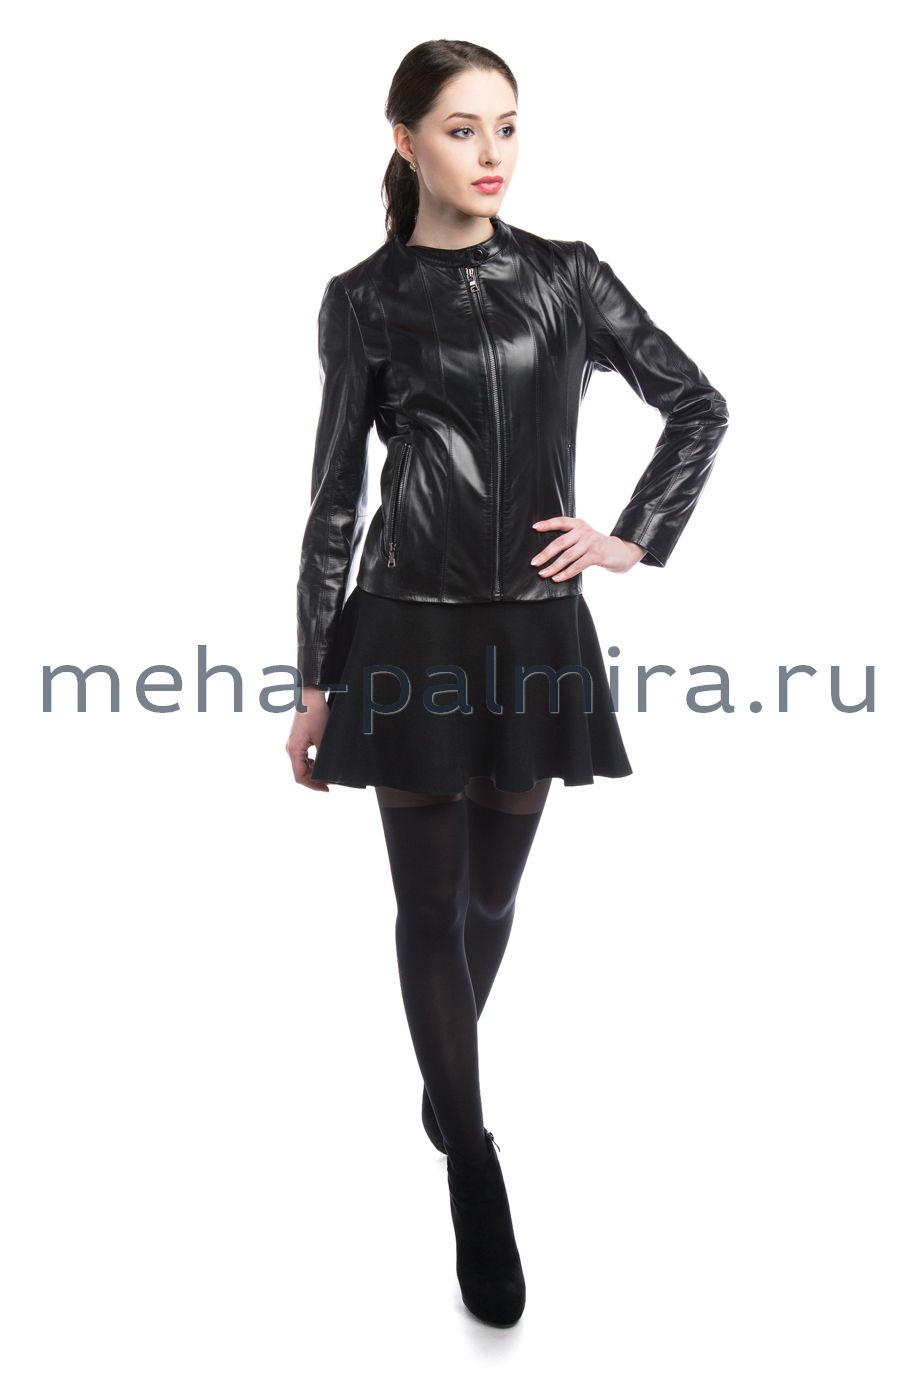 Куртка из чёрной кожи, воротник шанель